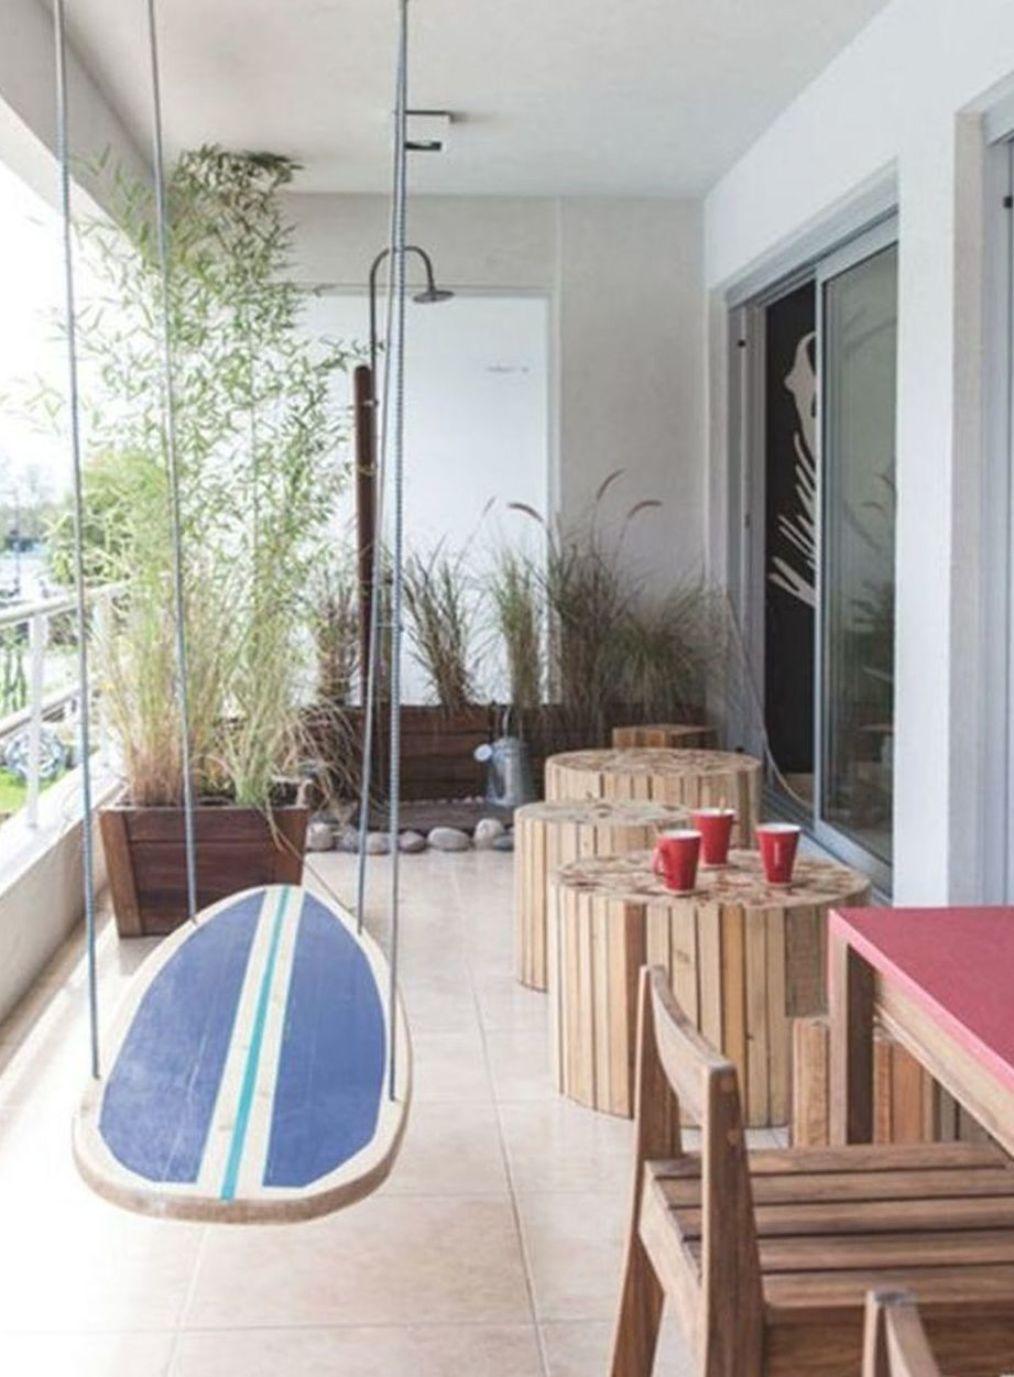 Fine 38 Gorgeous Beach House Decor Ideas In 2020 Beach House Interior Surf House Decor Interior Design Beach House Decor